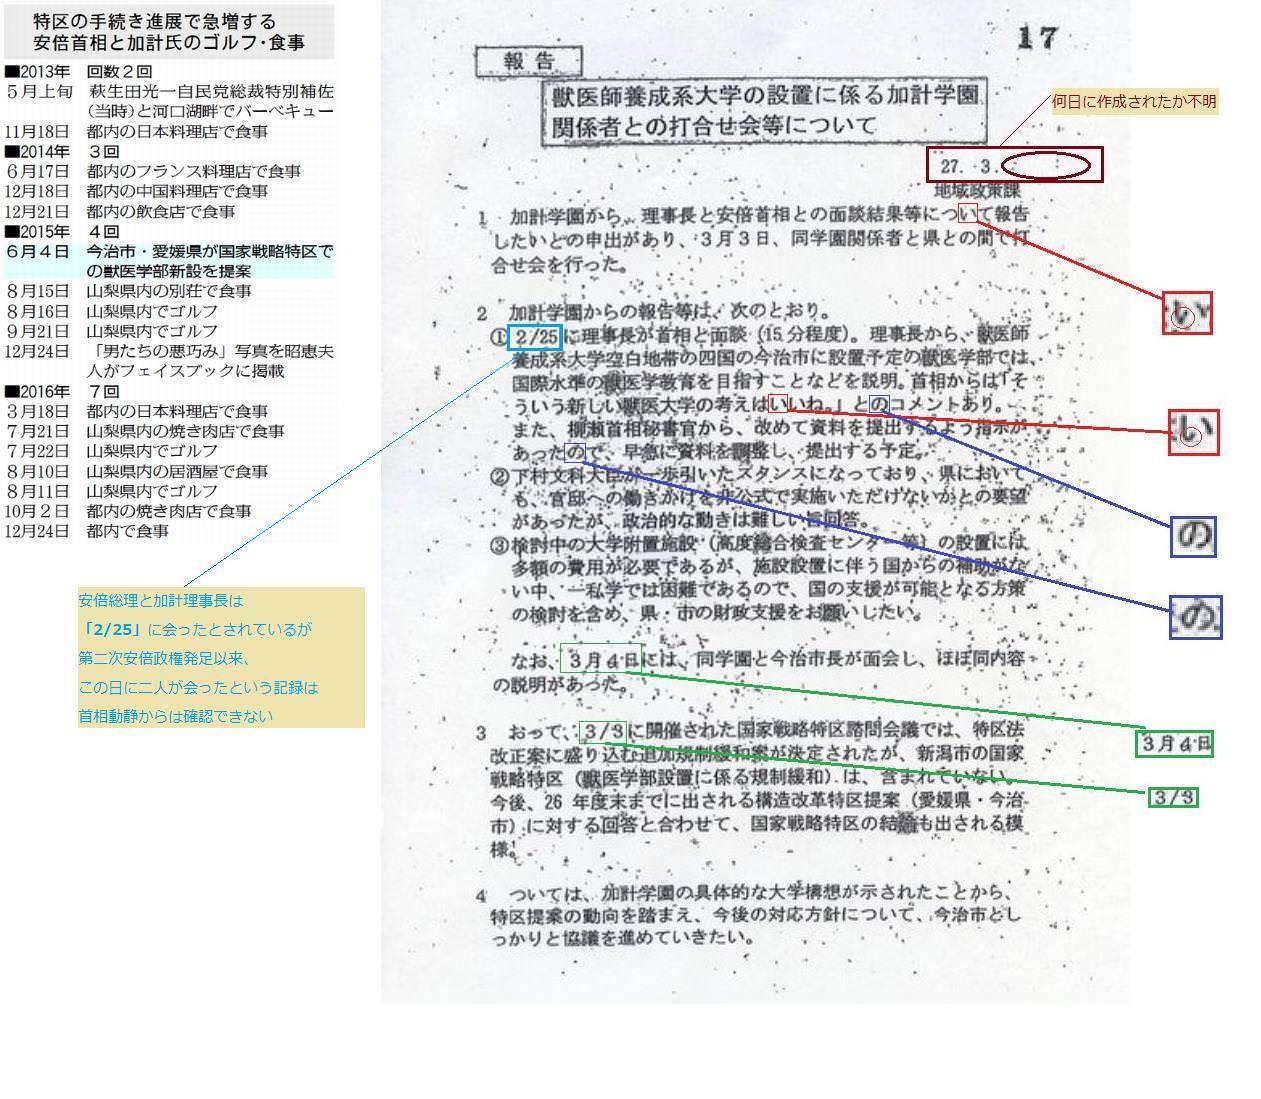 愛媛県 モリカケ 加計学園 文書 怪文書